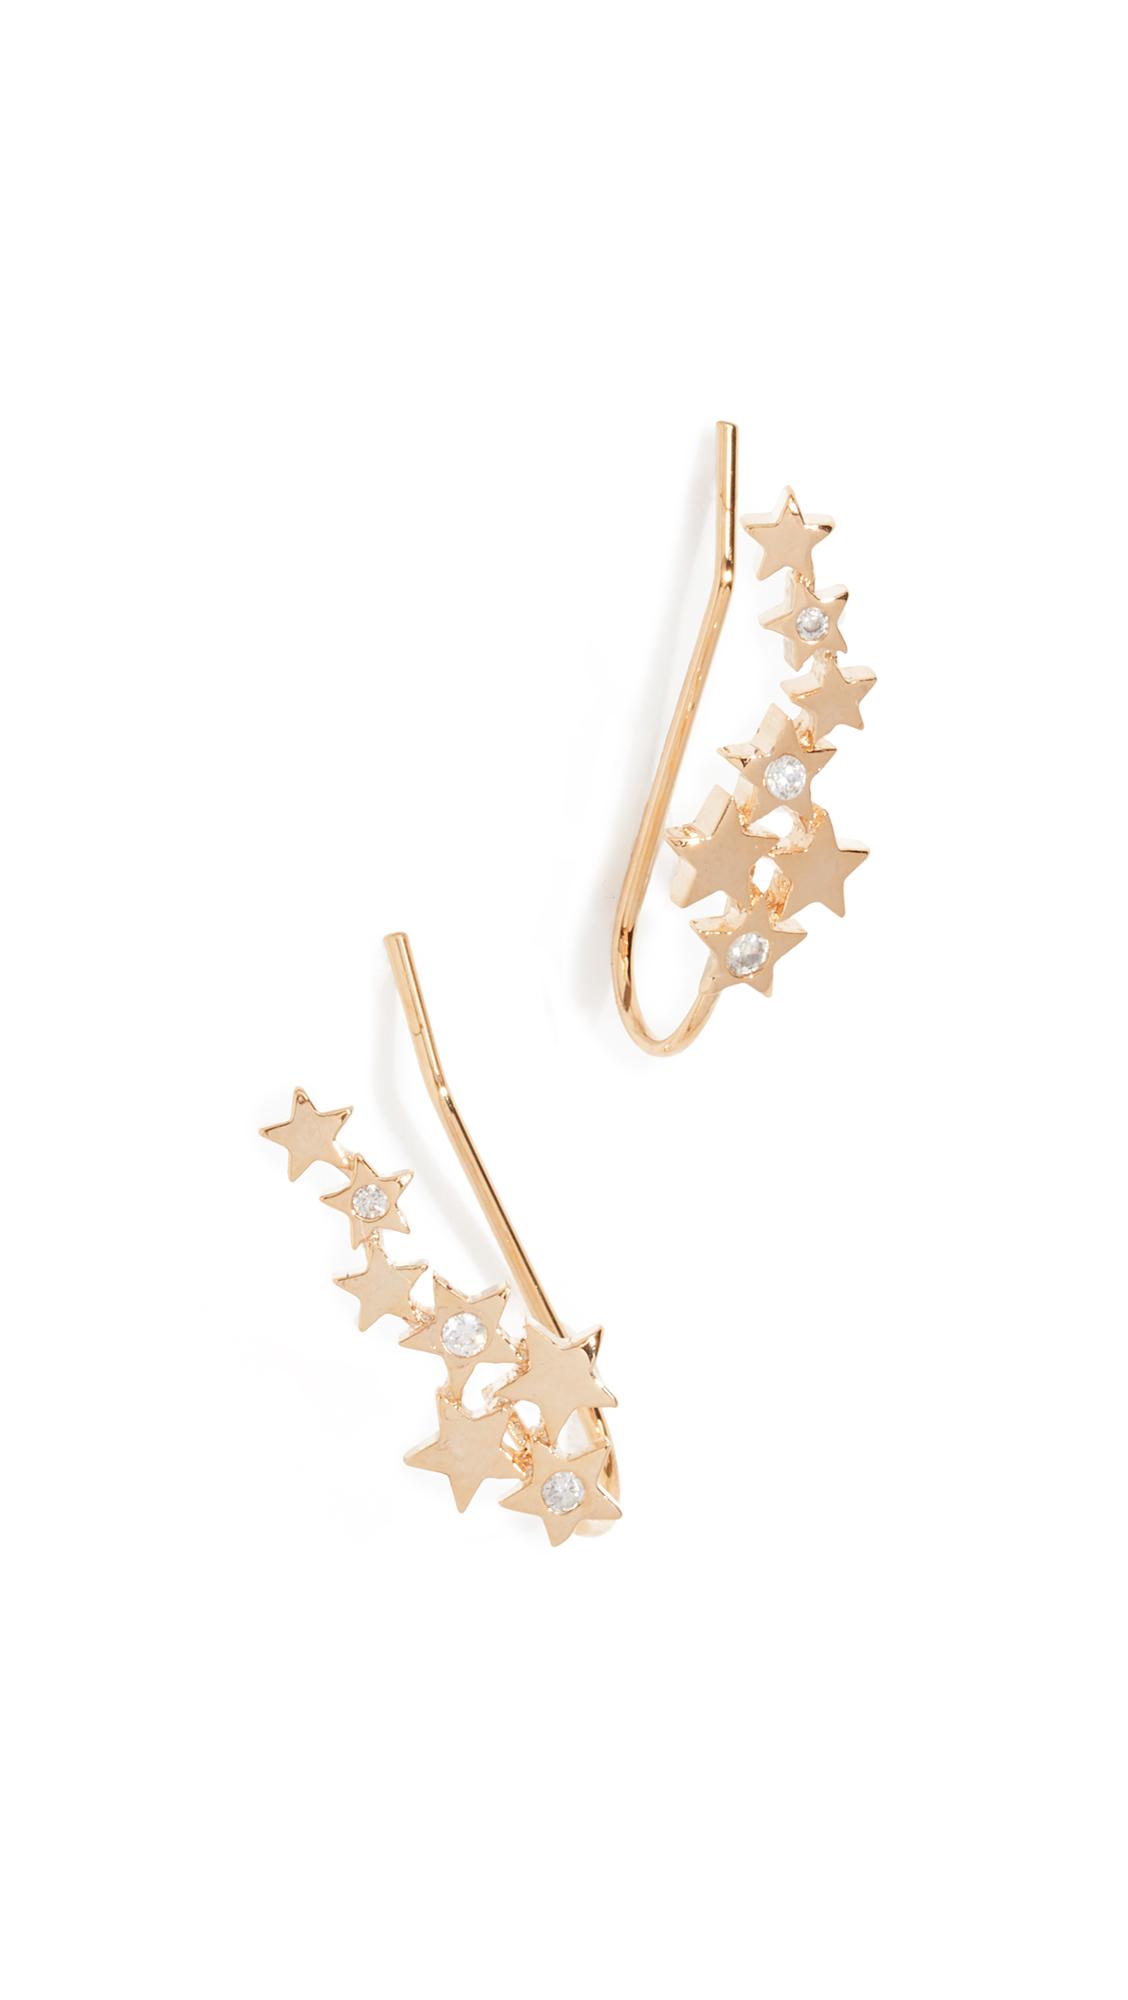 JULES SMITH STAR LIGHT CRAWLER EARRINGS